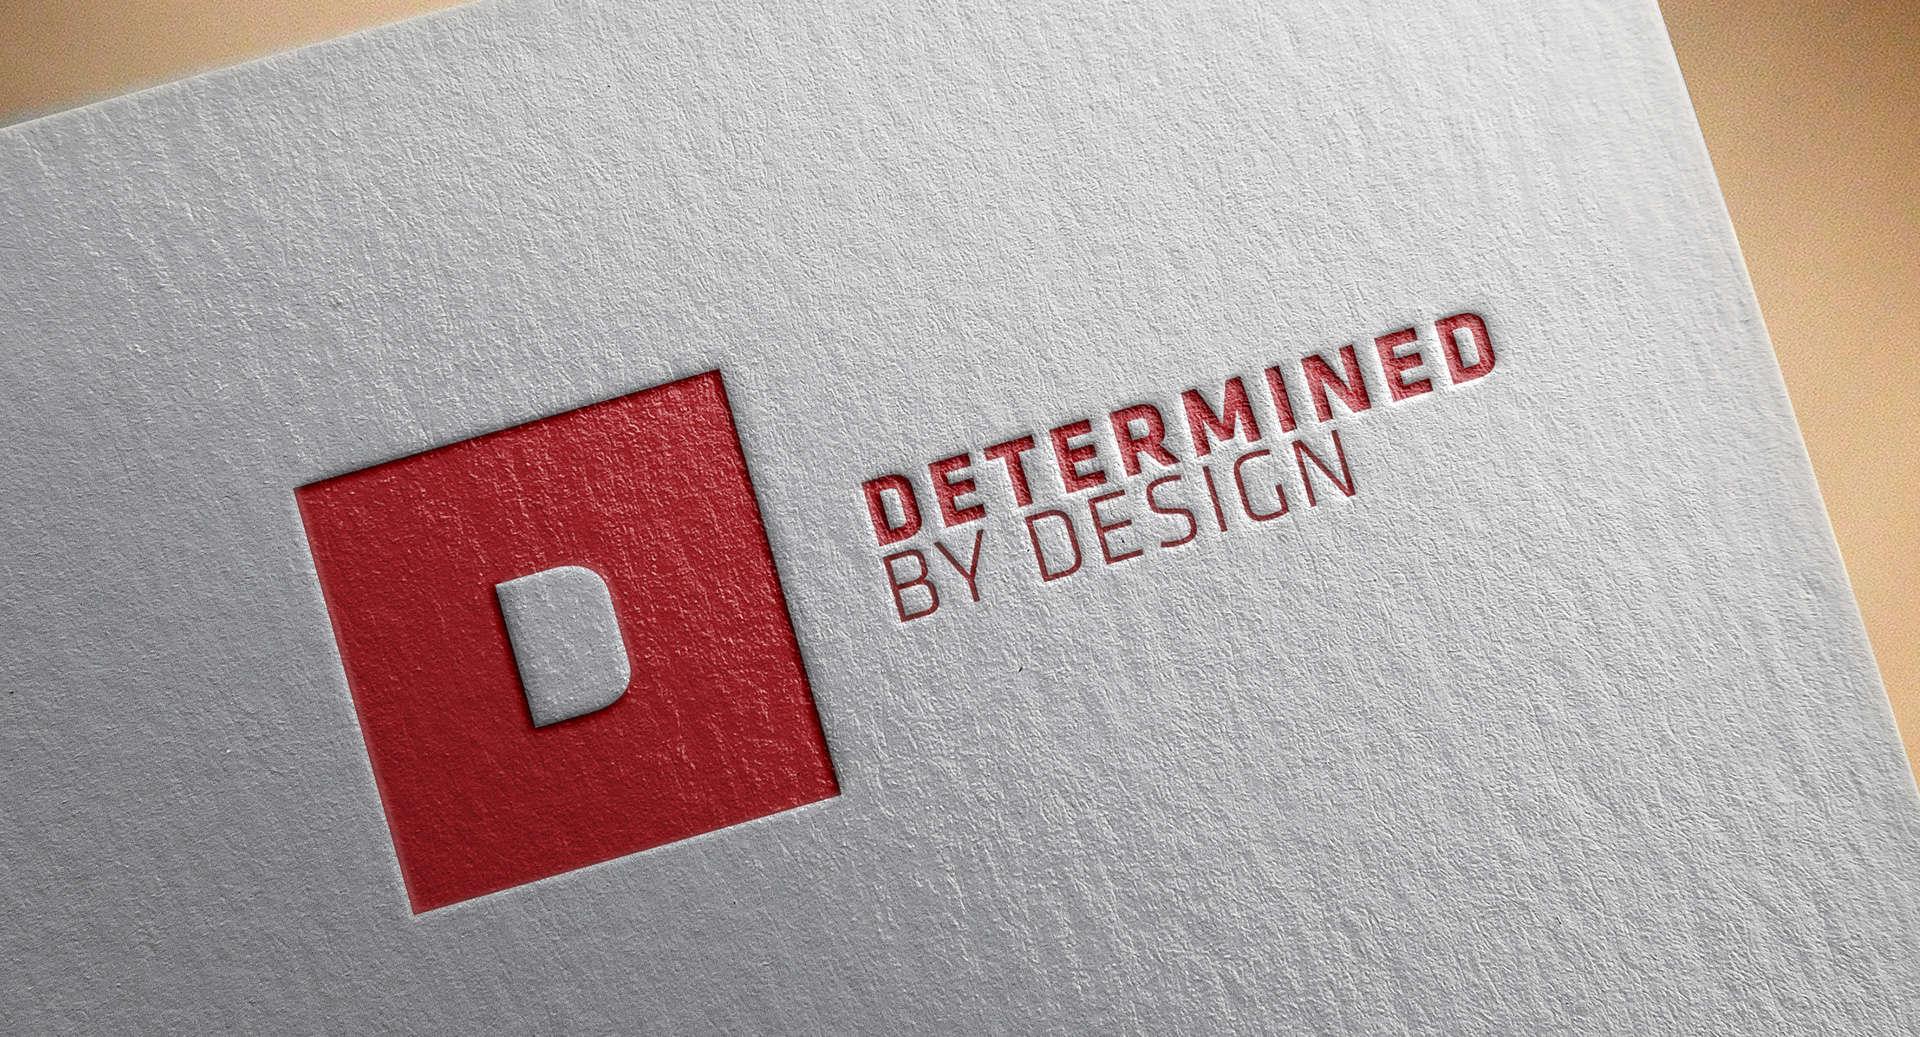 dbd-logo-halfwidth